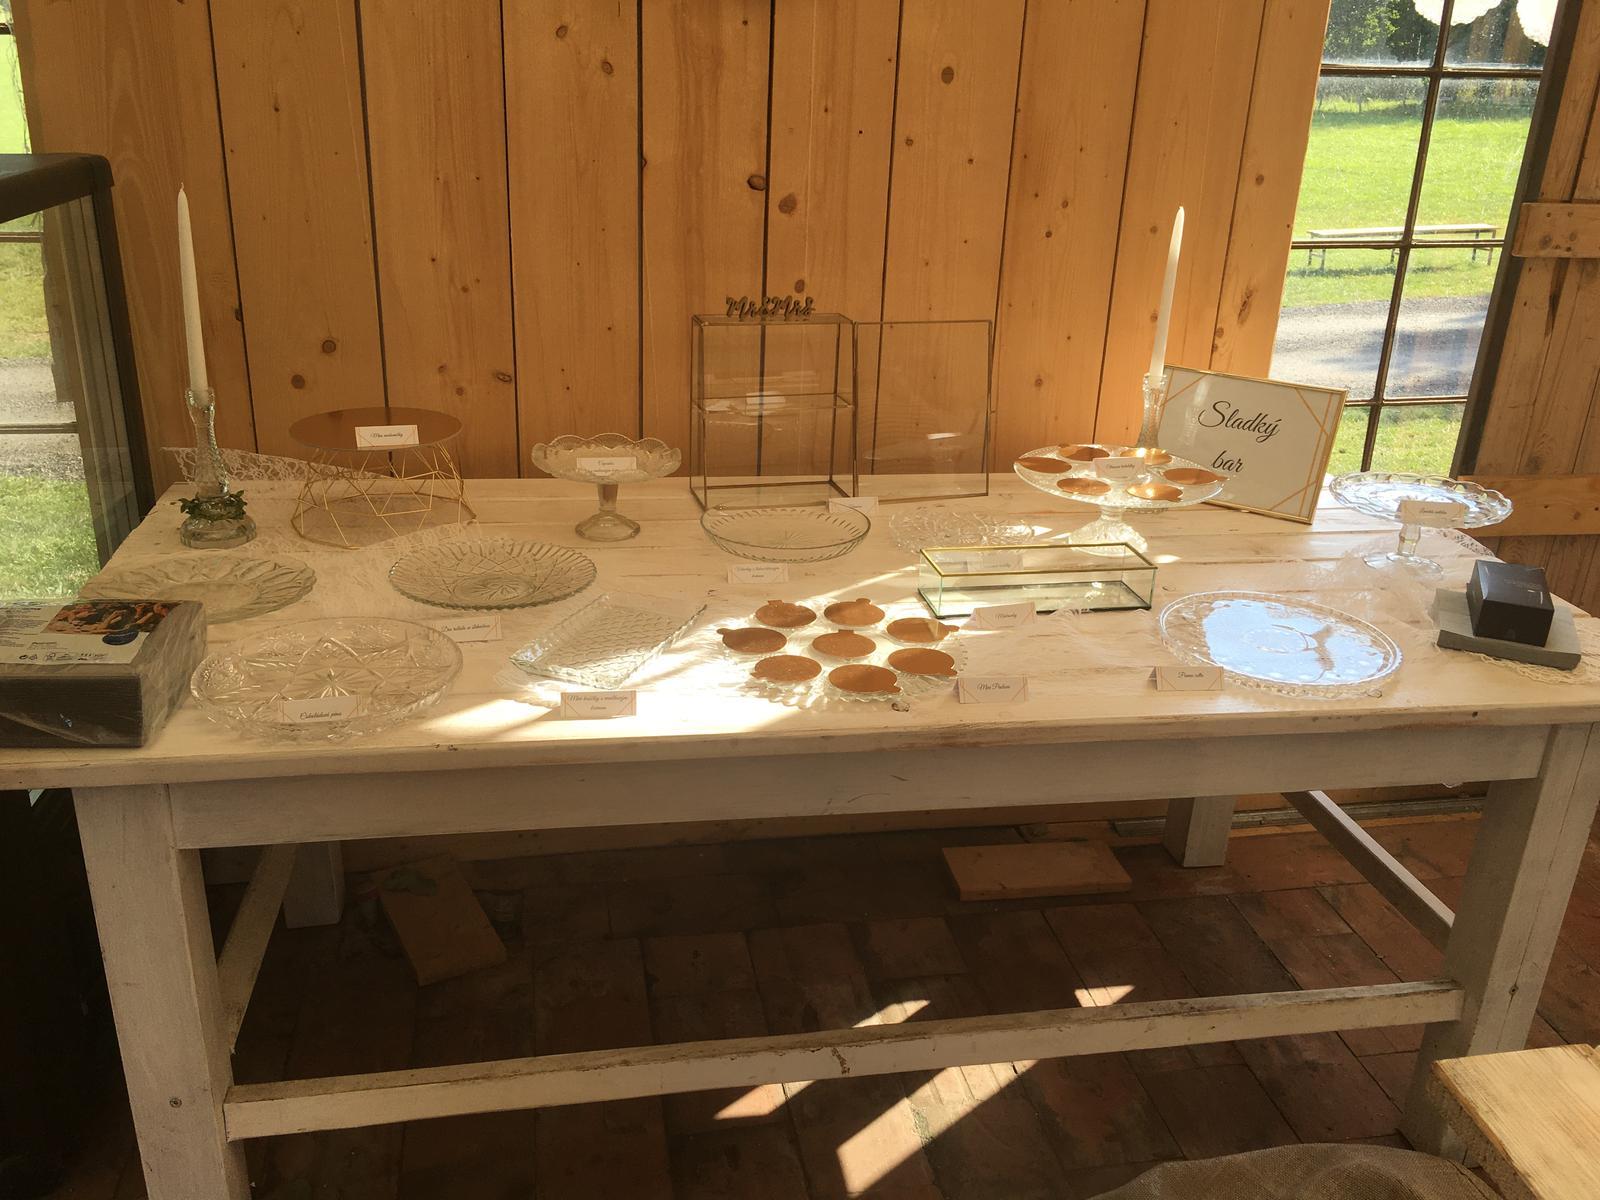 skleneny svicen - Obrázek č. 1